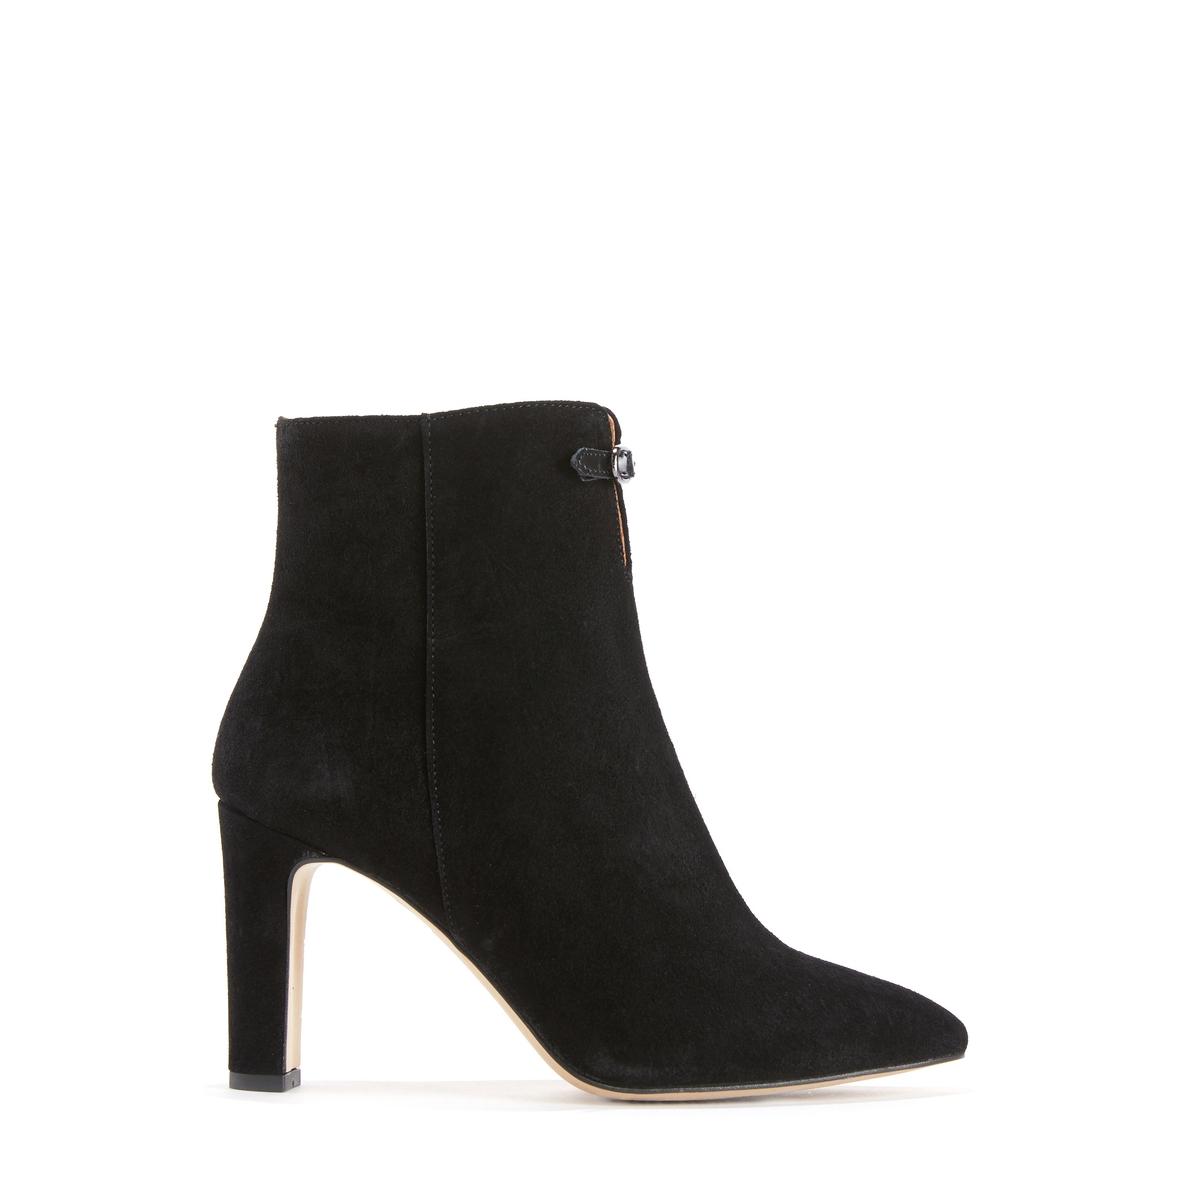 Ботильоны кожаные на высоком каблуке NOUVEL цены онлайн